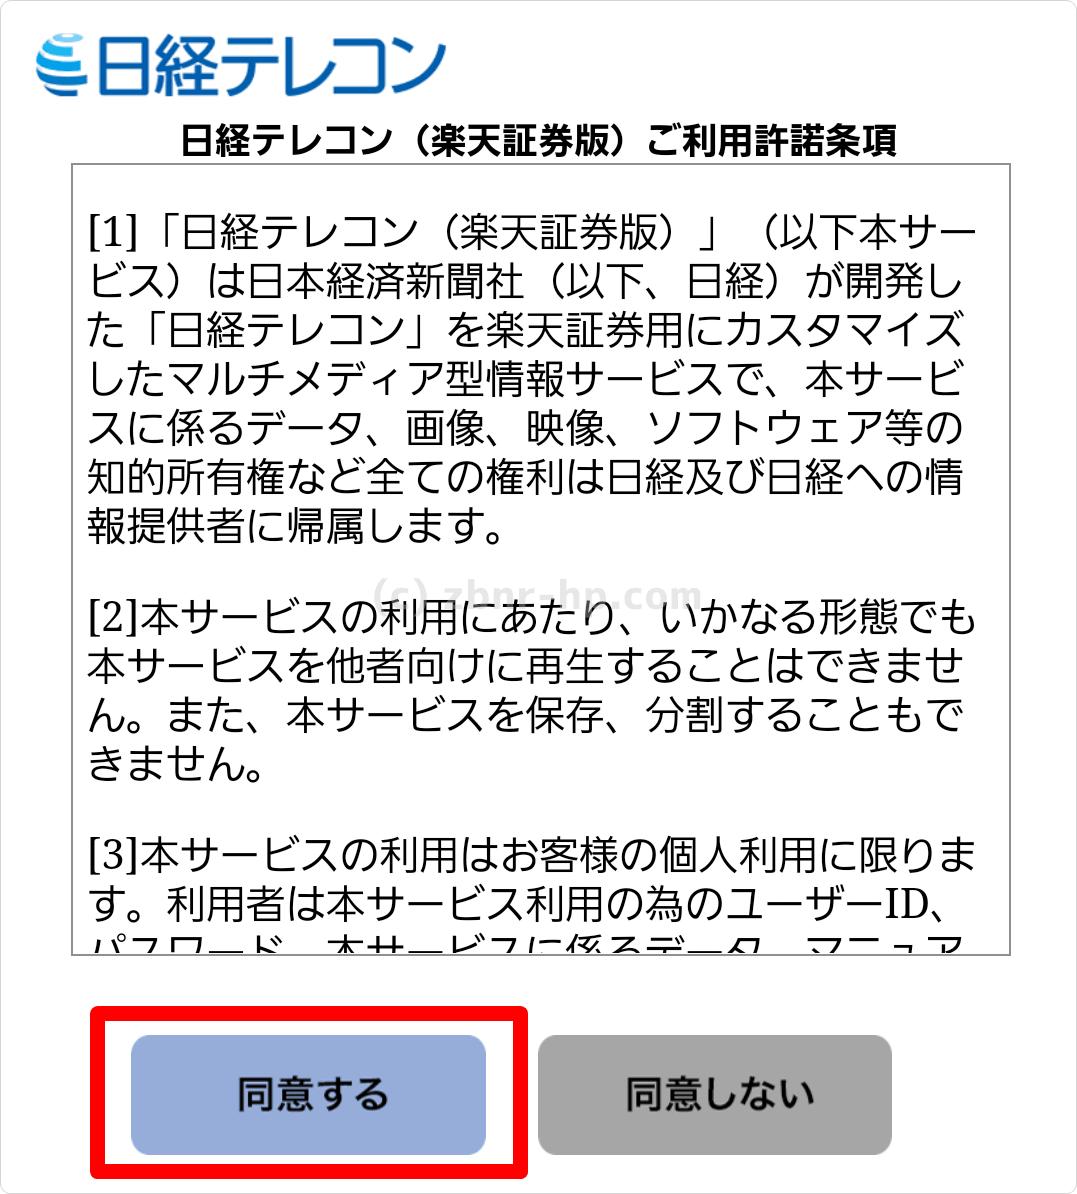 日経 楽天 新聞 証券 楽天証券を使って日経新聞を無料で読む方法【iPhone、スマホ、PC】